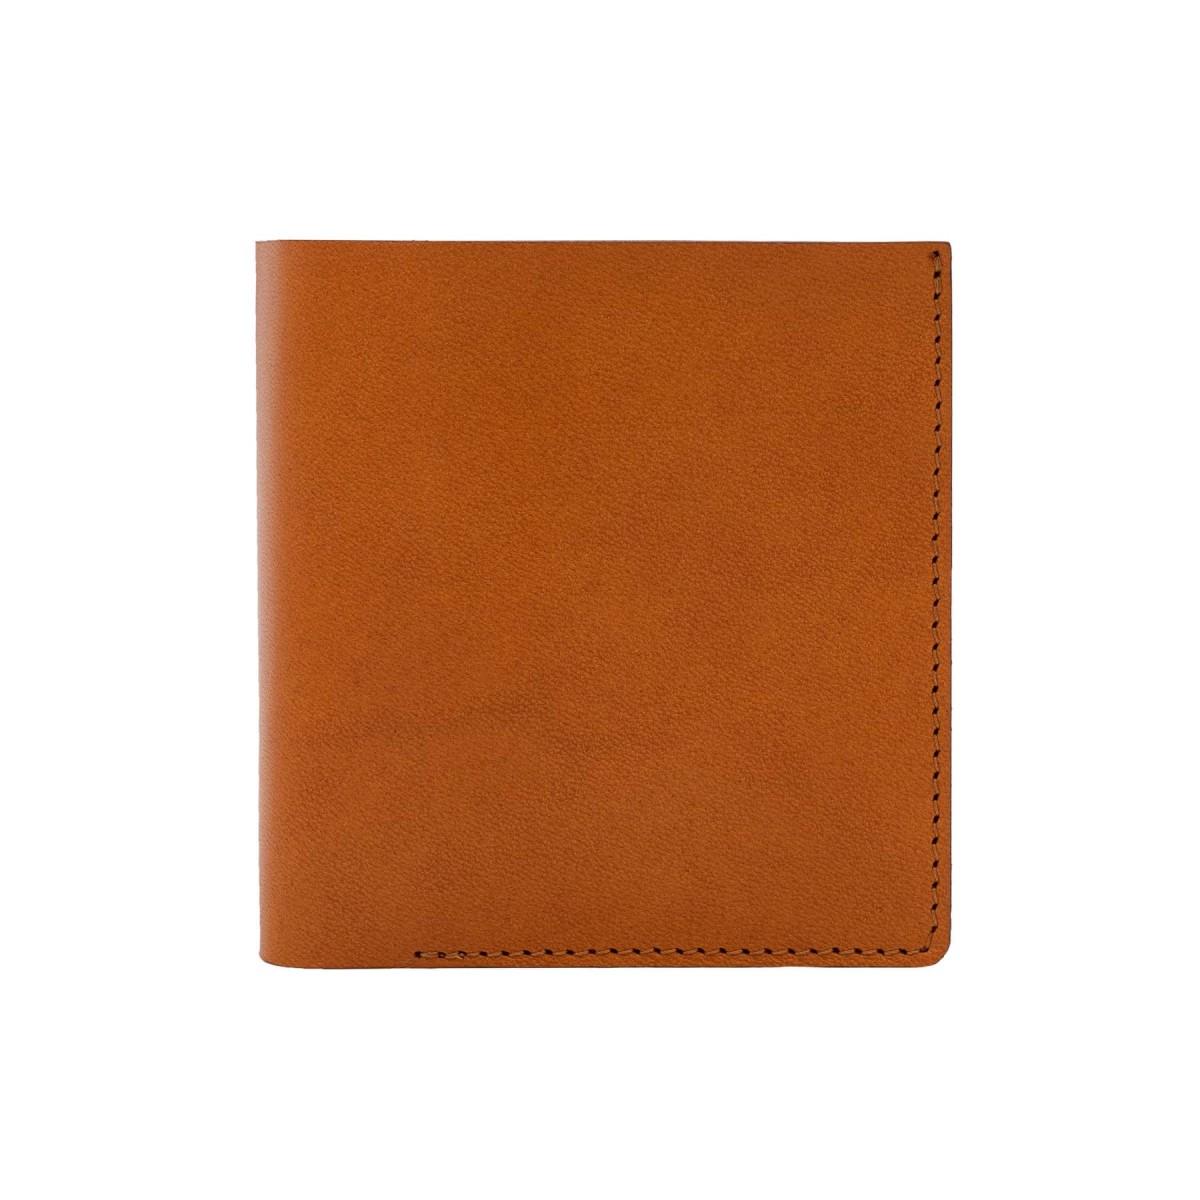 Faltbare Brieftasche in cognac - aus premium pflanzlich gegerbtem Leder